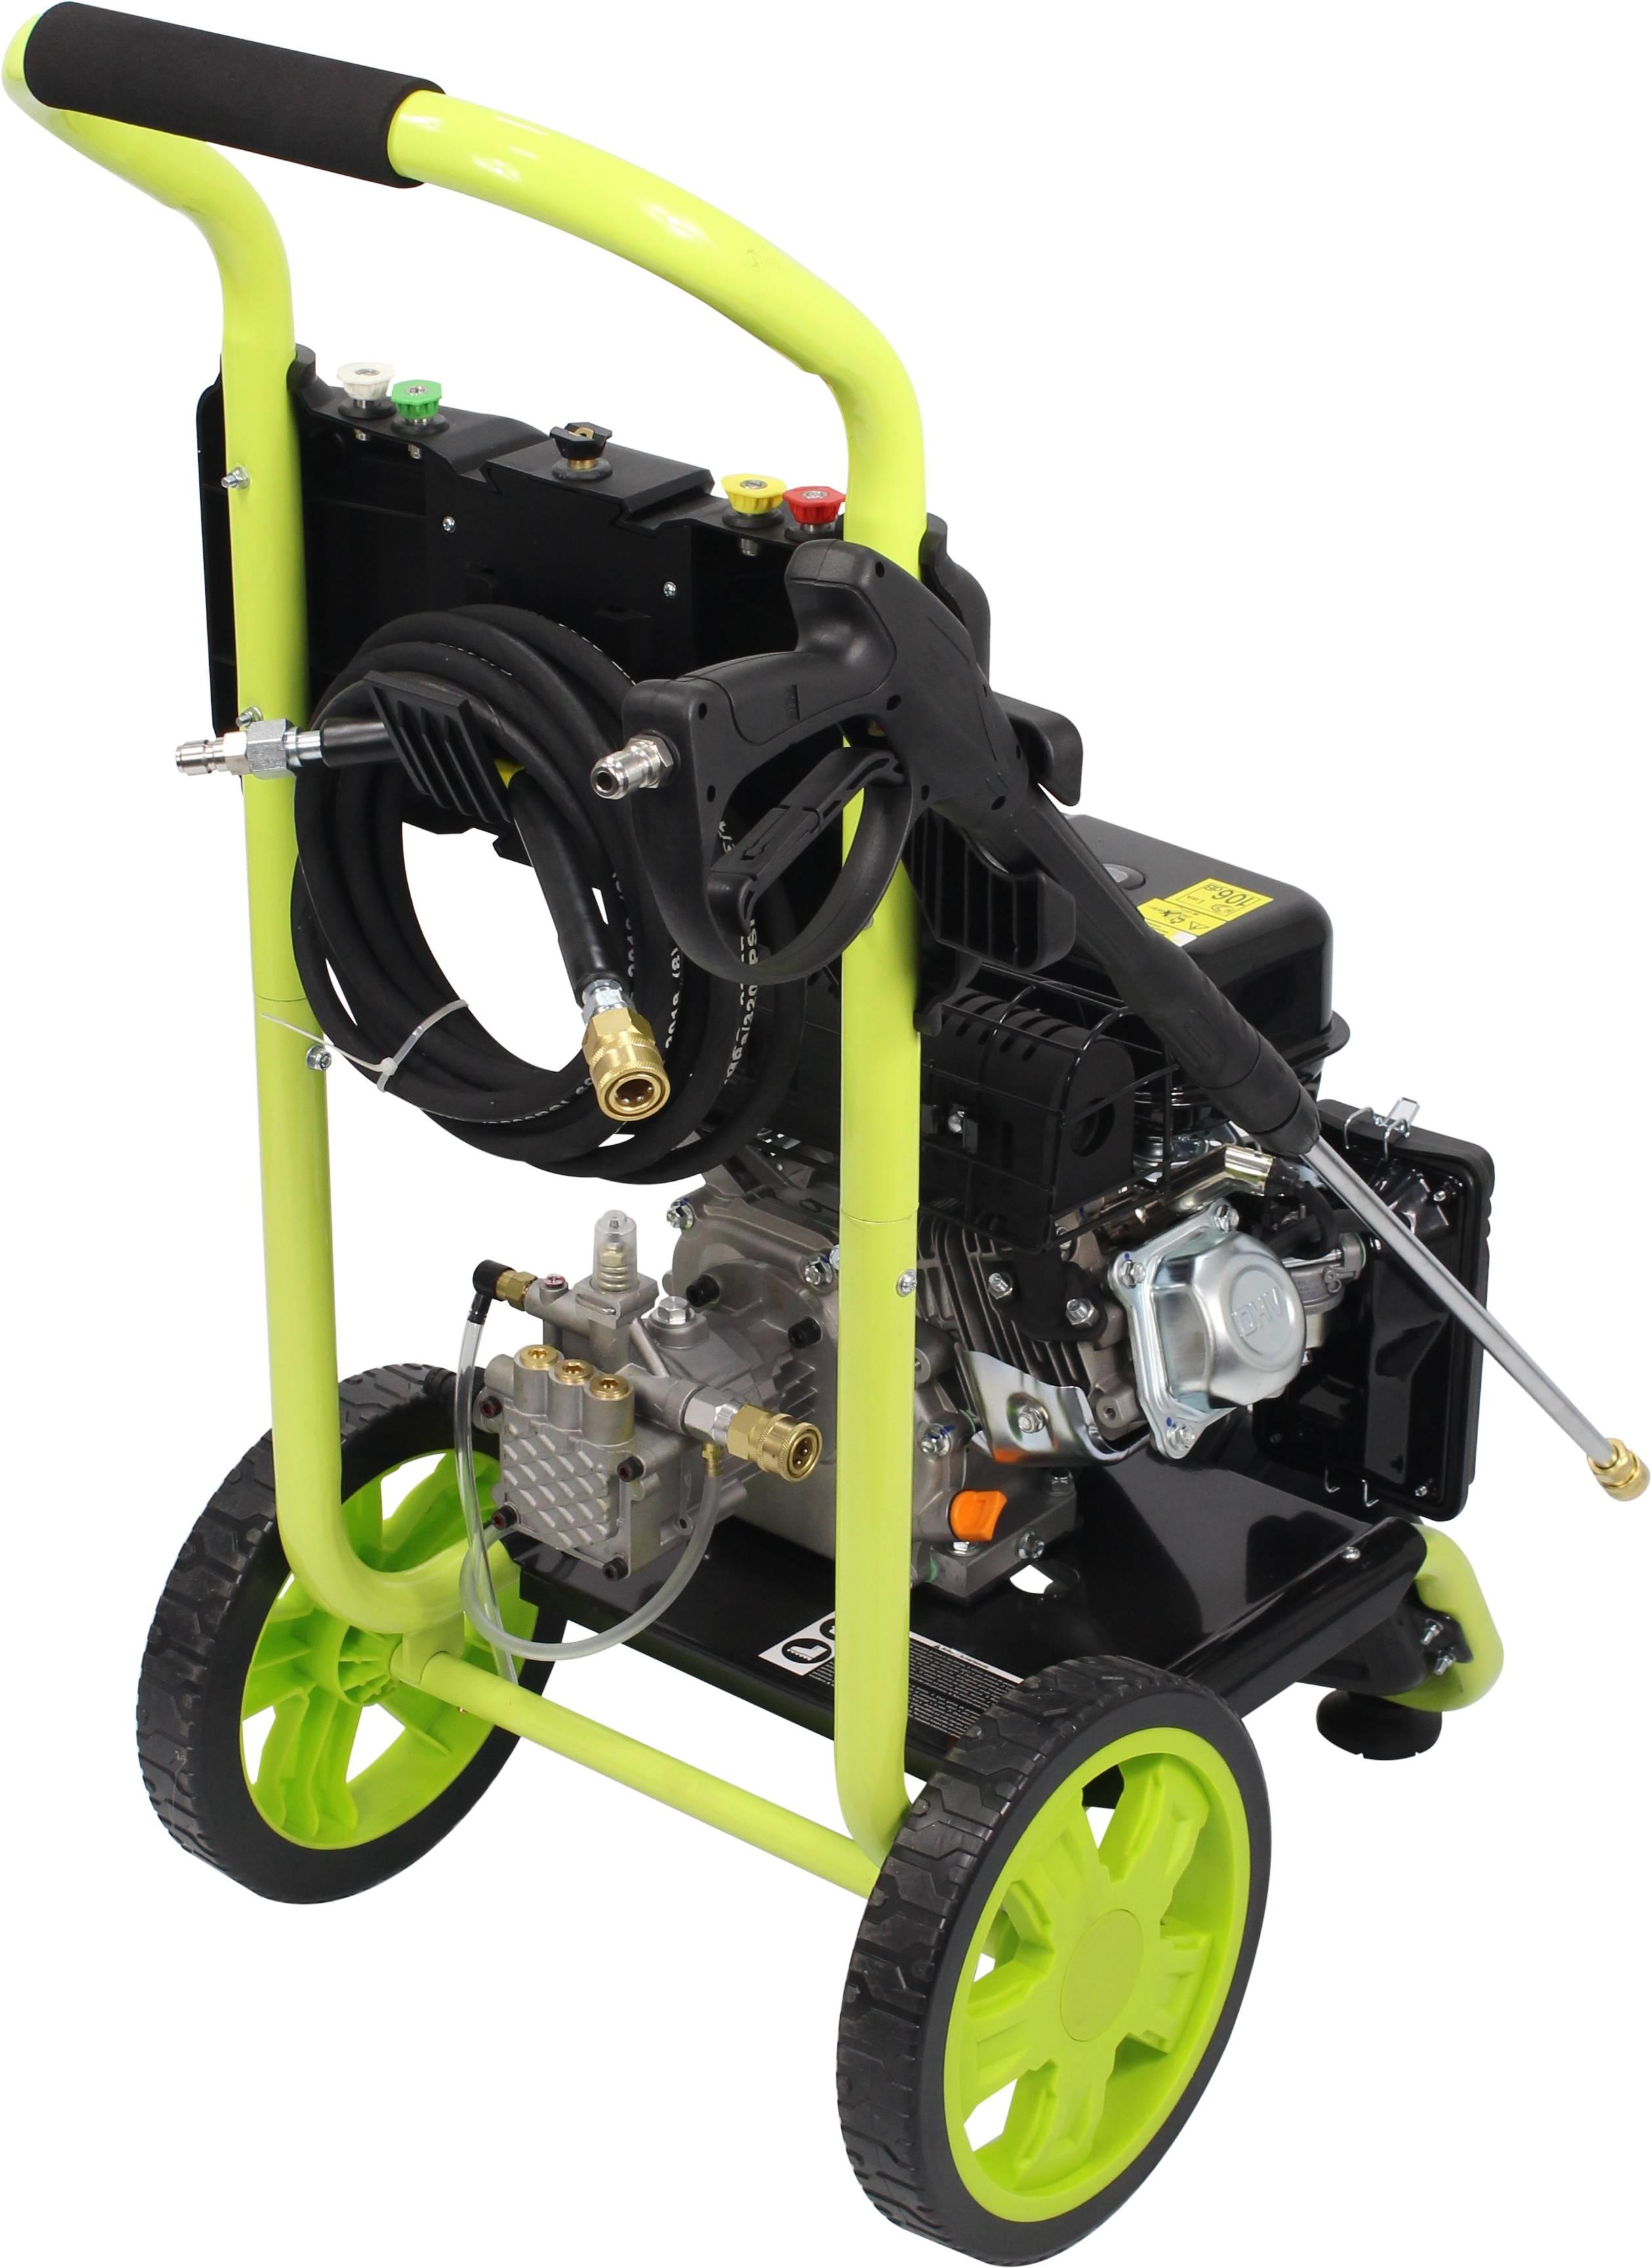 Limpiador de alta presión 6.5HP, 200Bar - SAURIUM